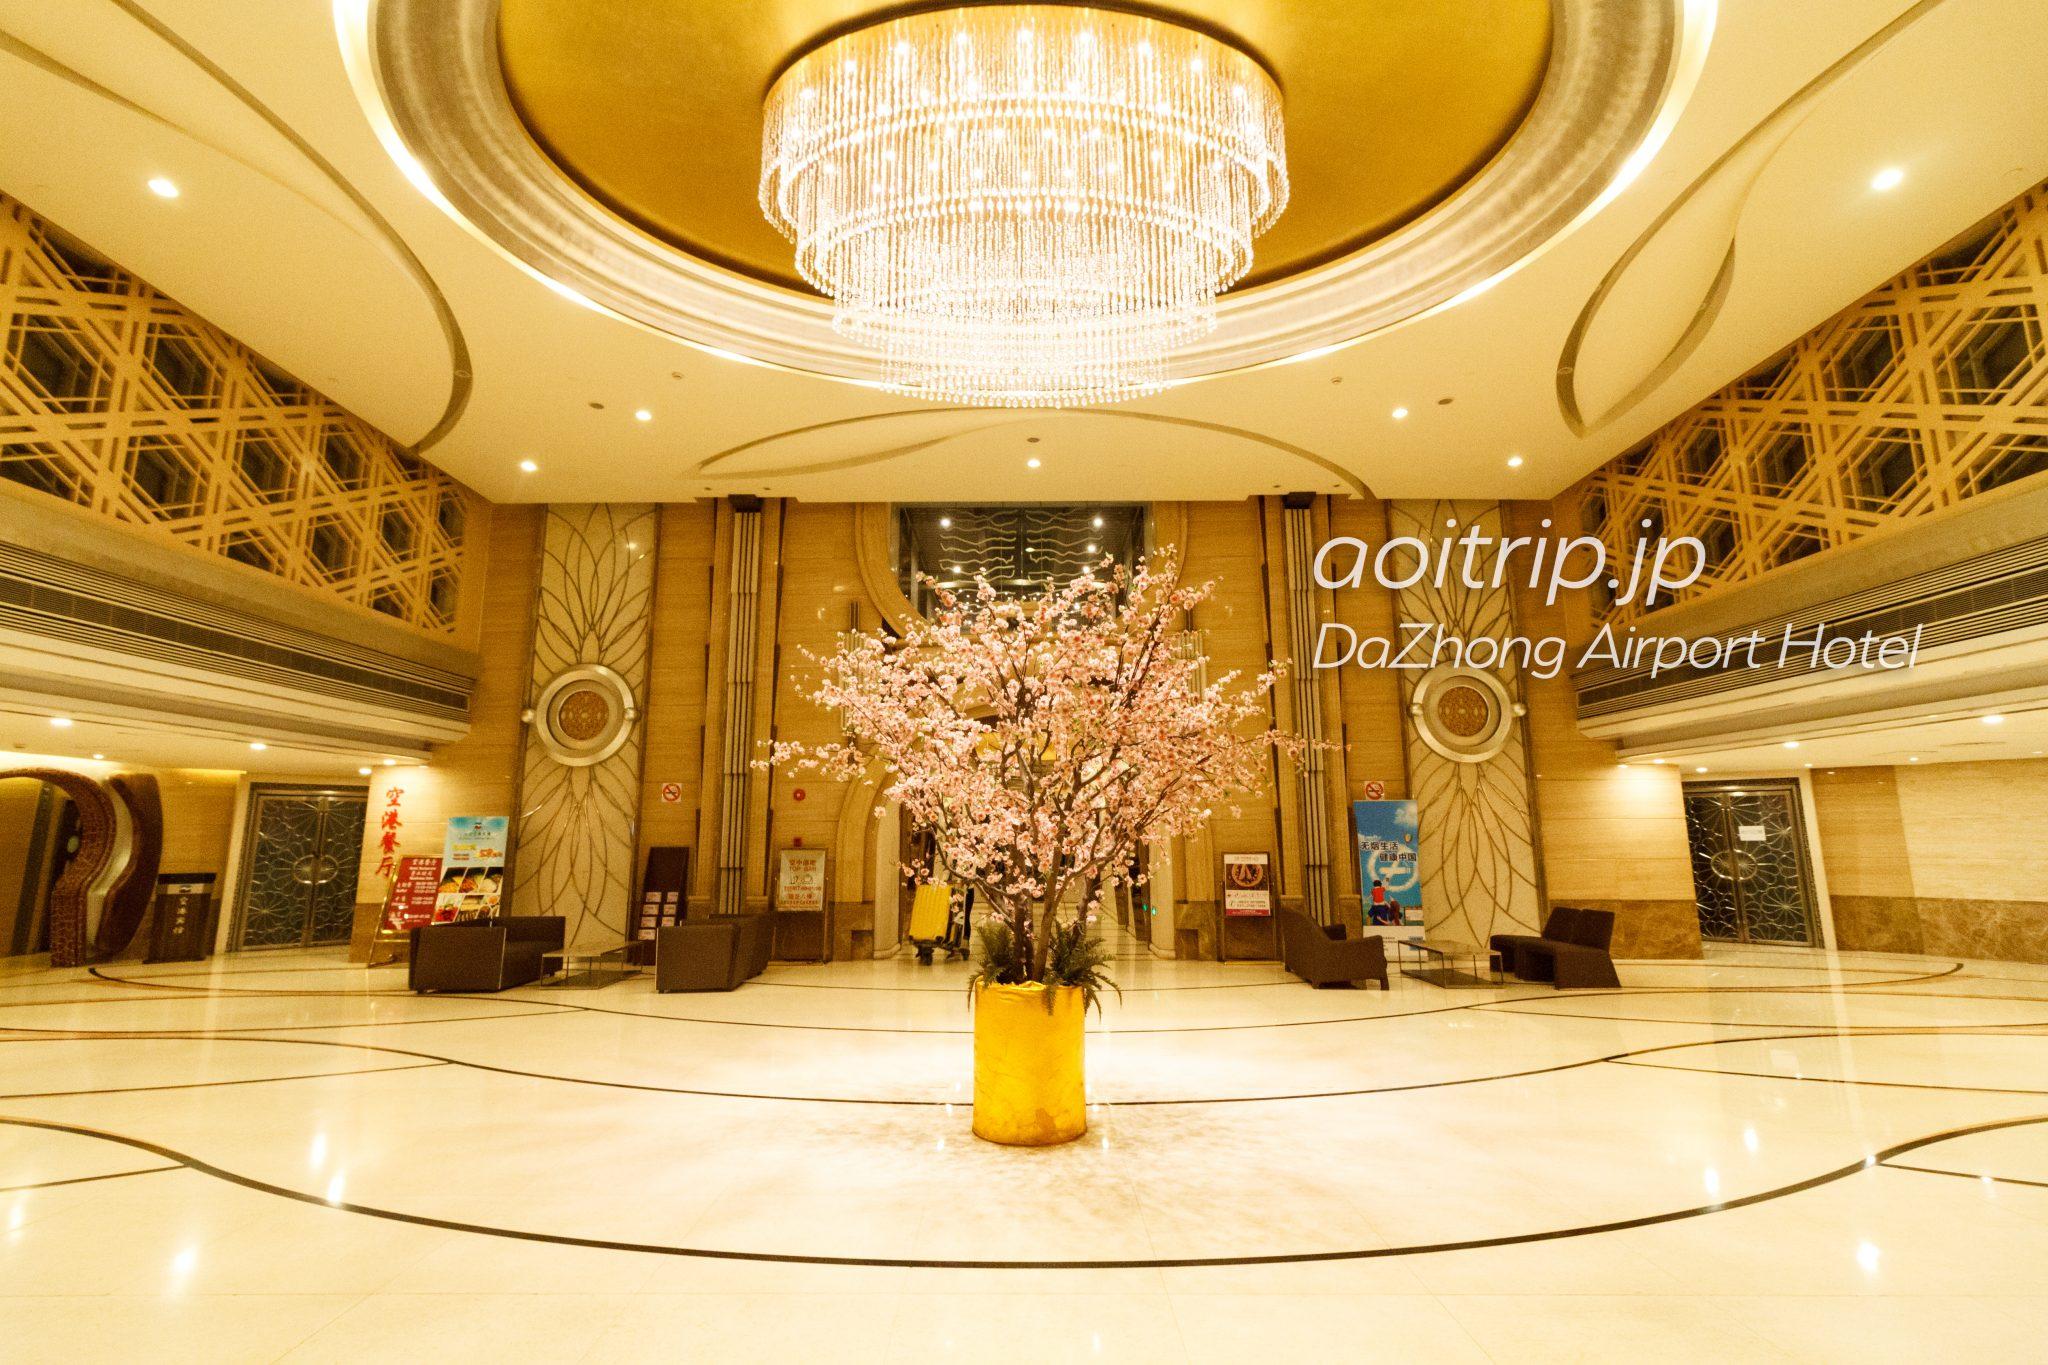 上海浦東空港のホテル ダージョンエアポートホテル ロビー